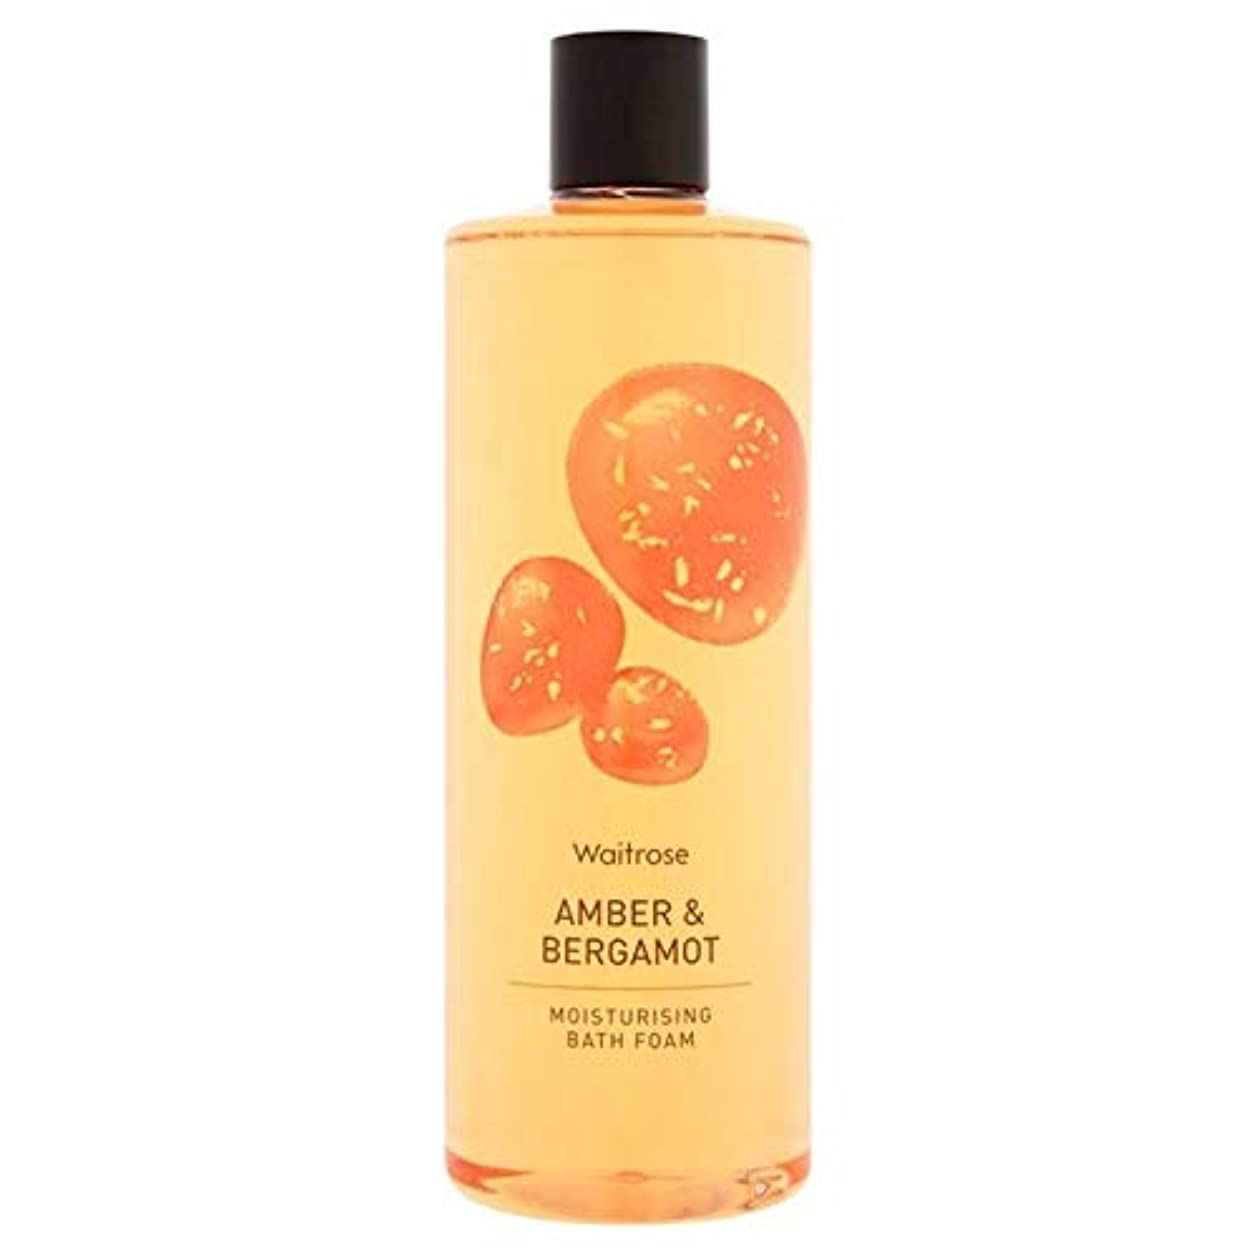 シングル名前でペニー[Waitrose ] ウェイトローズアンバー&ベルガモット泡風呂500ミリリットル - Waitrose Amber & Bergamot Foam Bath 500ml [並行輸入品]